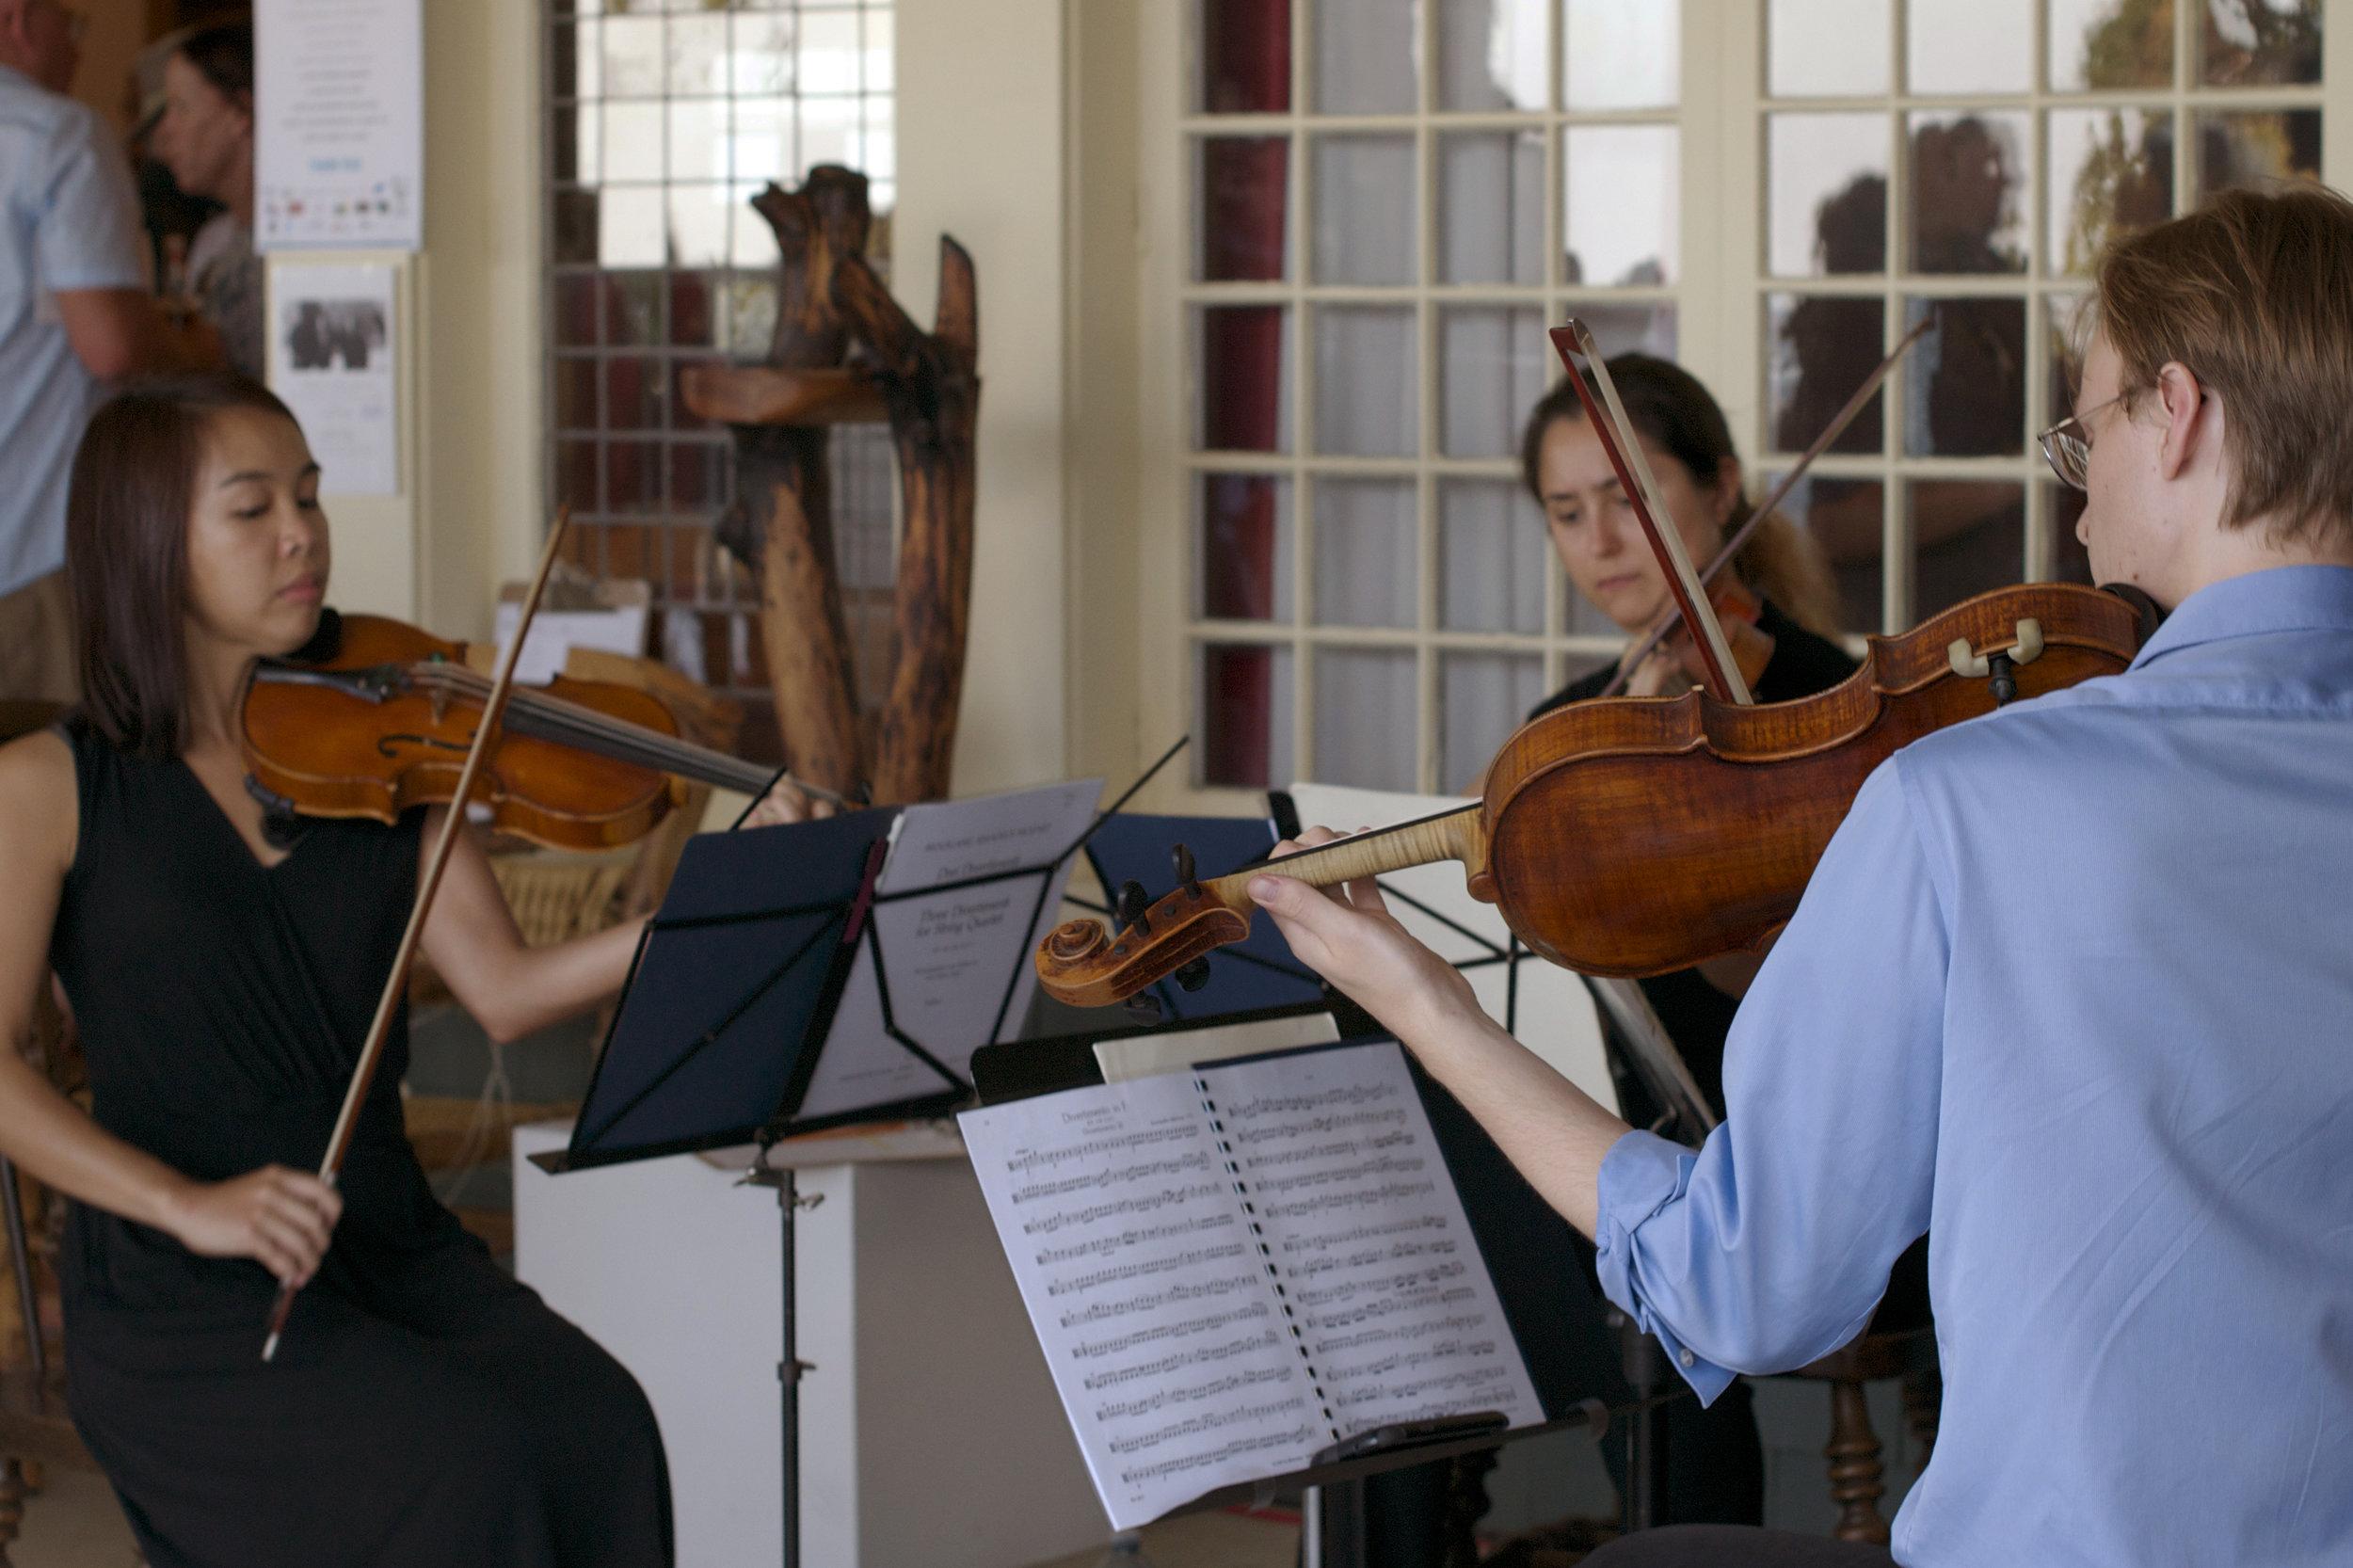 quartet-trio-playing.jpg